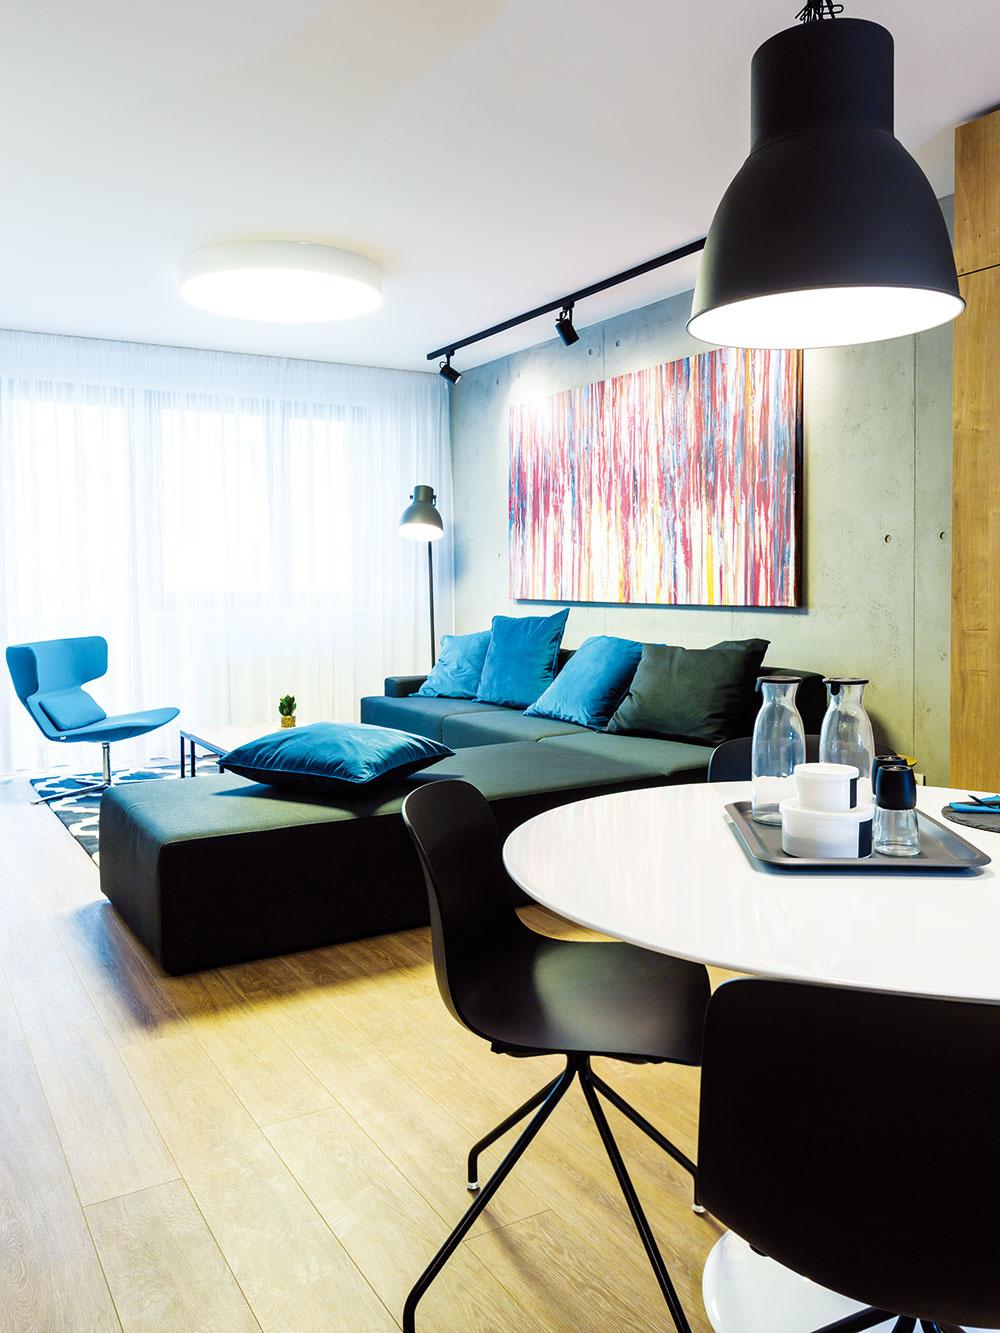 Osvedčený princíp ukázali architekti vdennom priestore väčšieho bytu – základ interiéru vytvorili zjednoduchých, nie príliš výrazných prvkov aladili ho vneutrálnej farebnosti, takže homožno ľahko dotvoriť doplnkami.